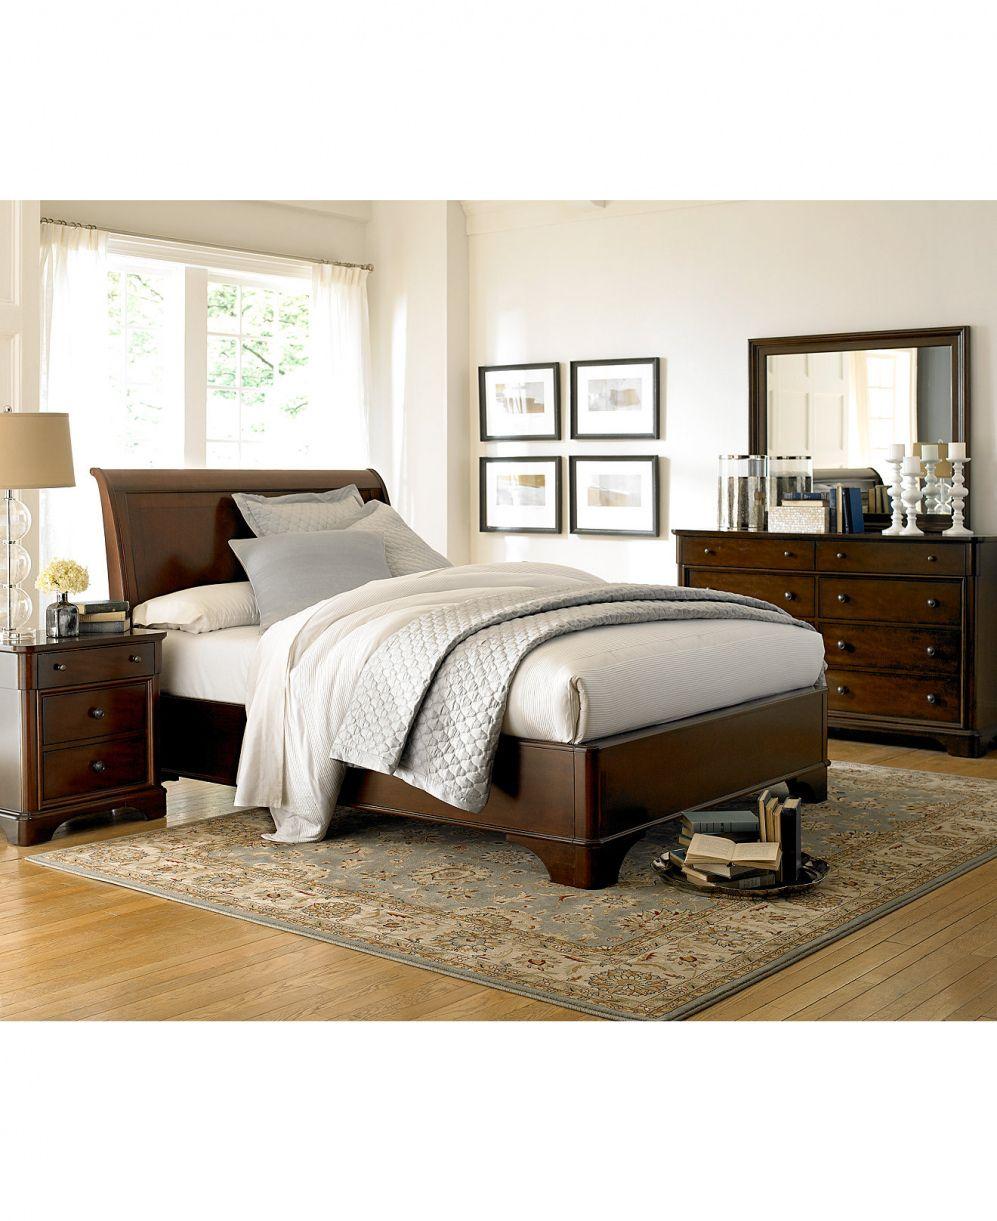 macys bedroom furniture sale  photos of bedrooms interior